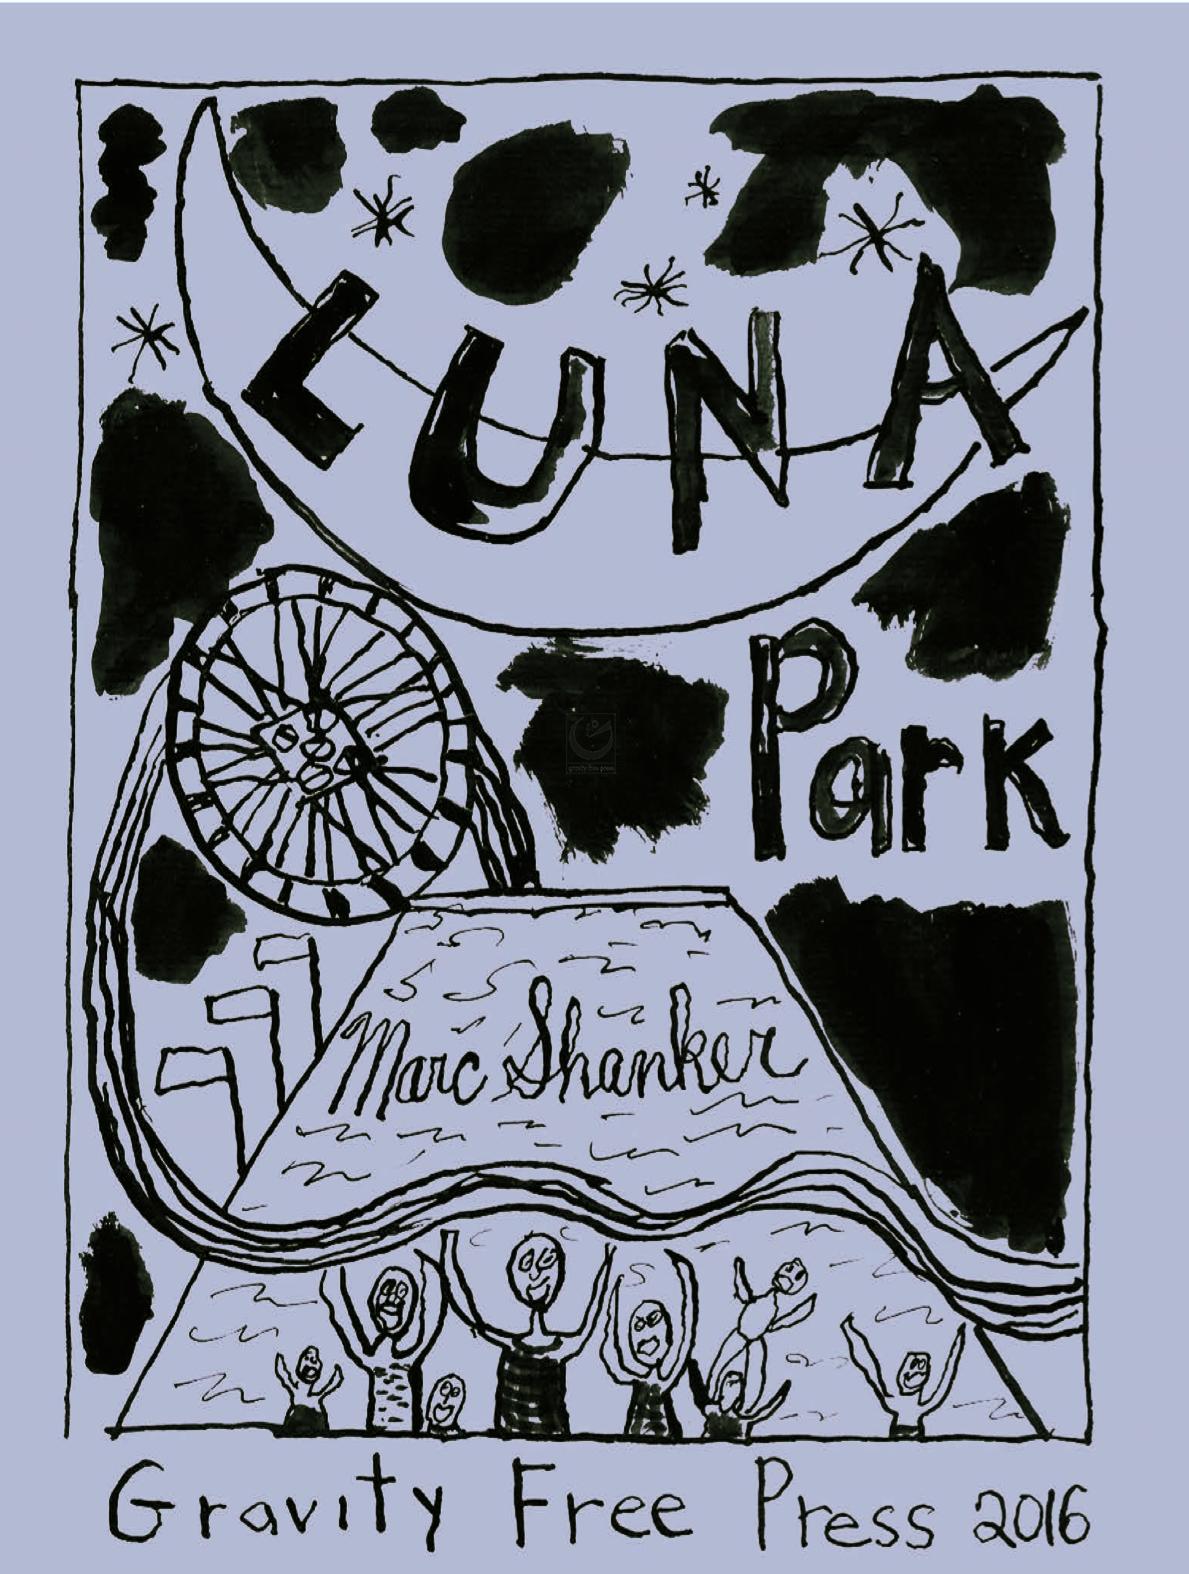 Luna Parkbook cover.png